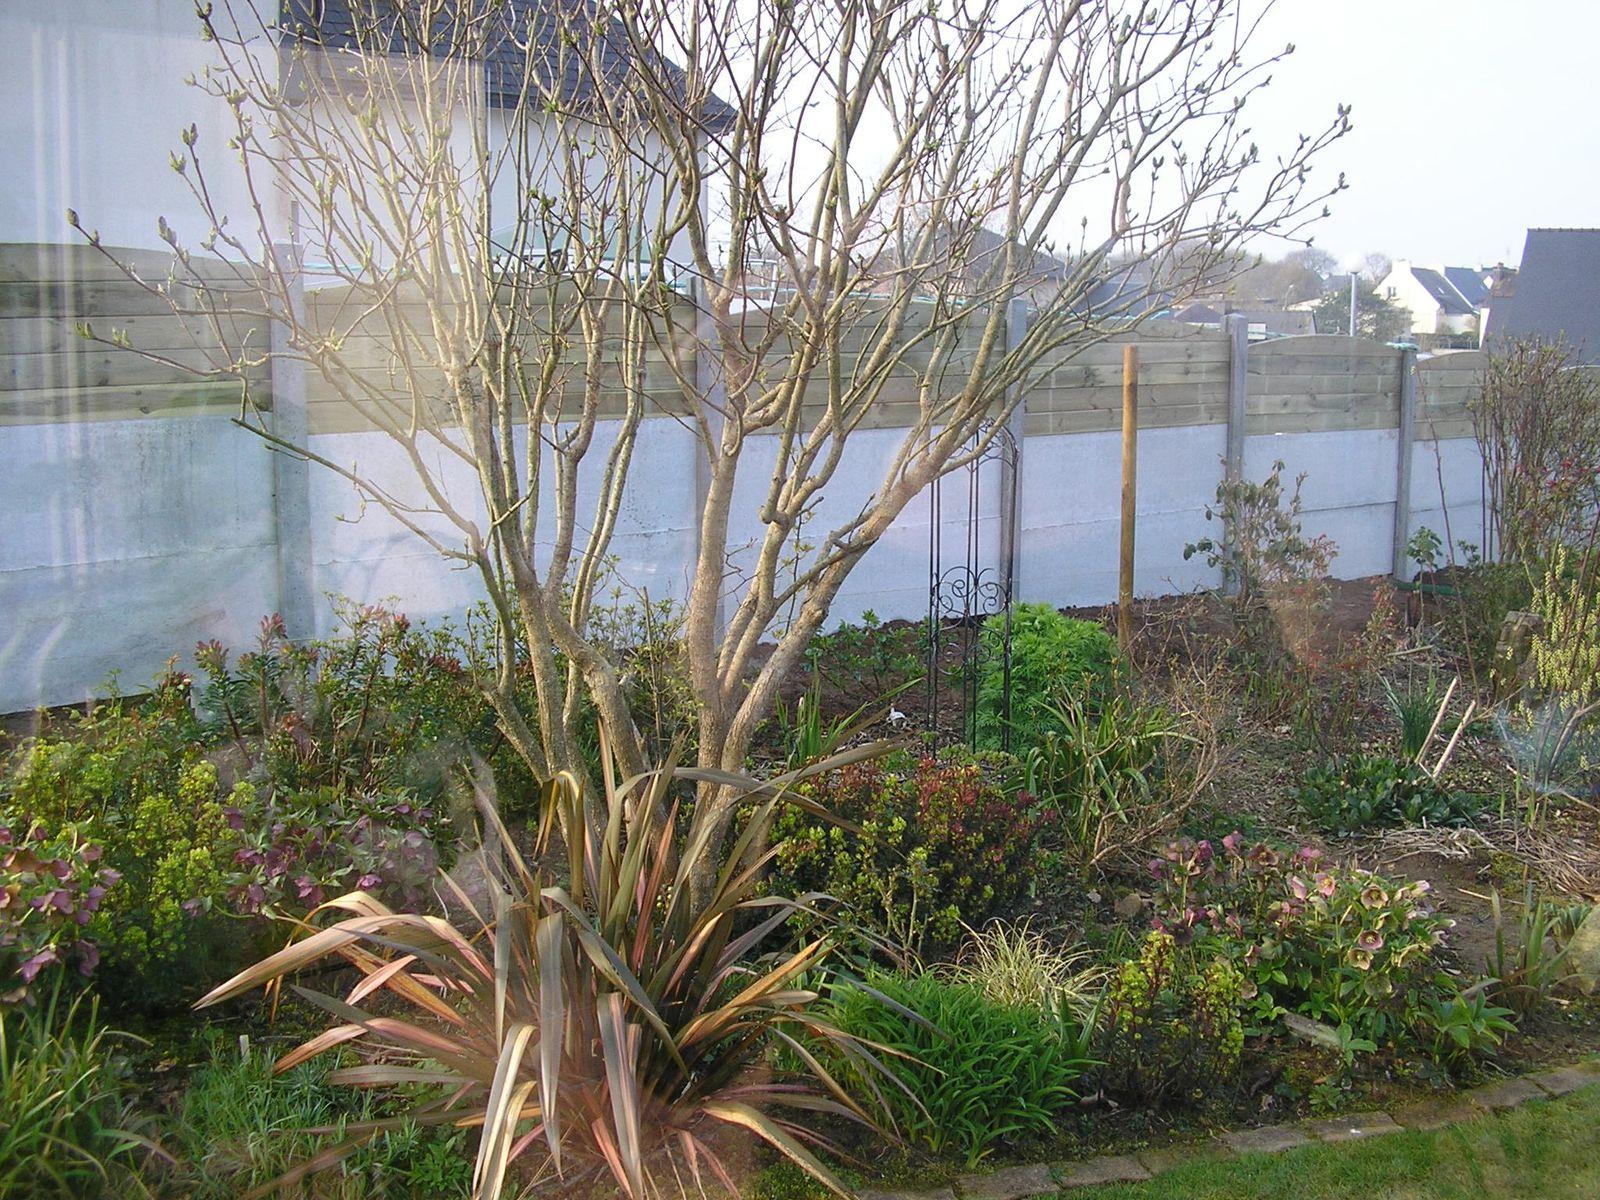 Mise en place de la palissade  au fond du parterre pour remplacer la haie. J'ai l'intention de planter des azalées, des rhododendrons et un kalmia pour cacher les plaques en béton et des rosiers à chaque poteau.